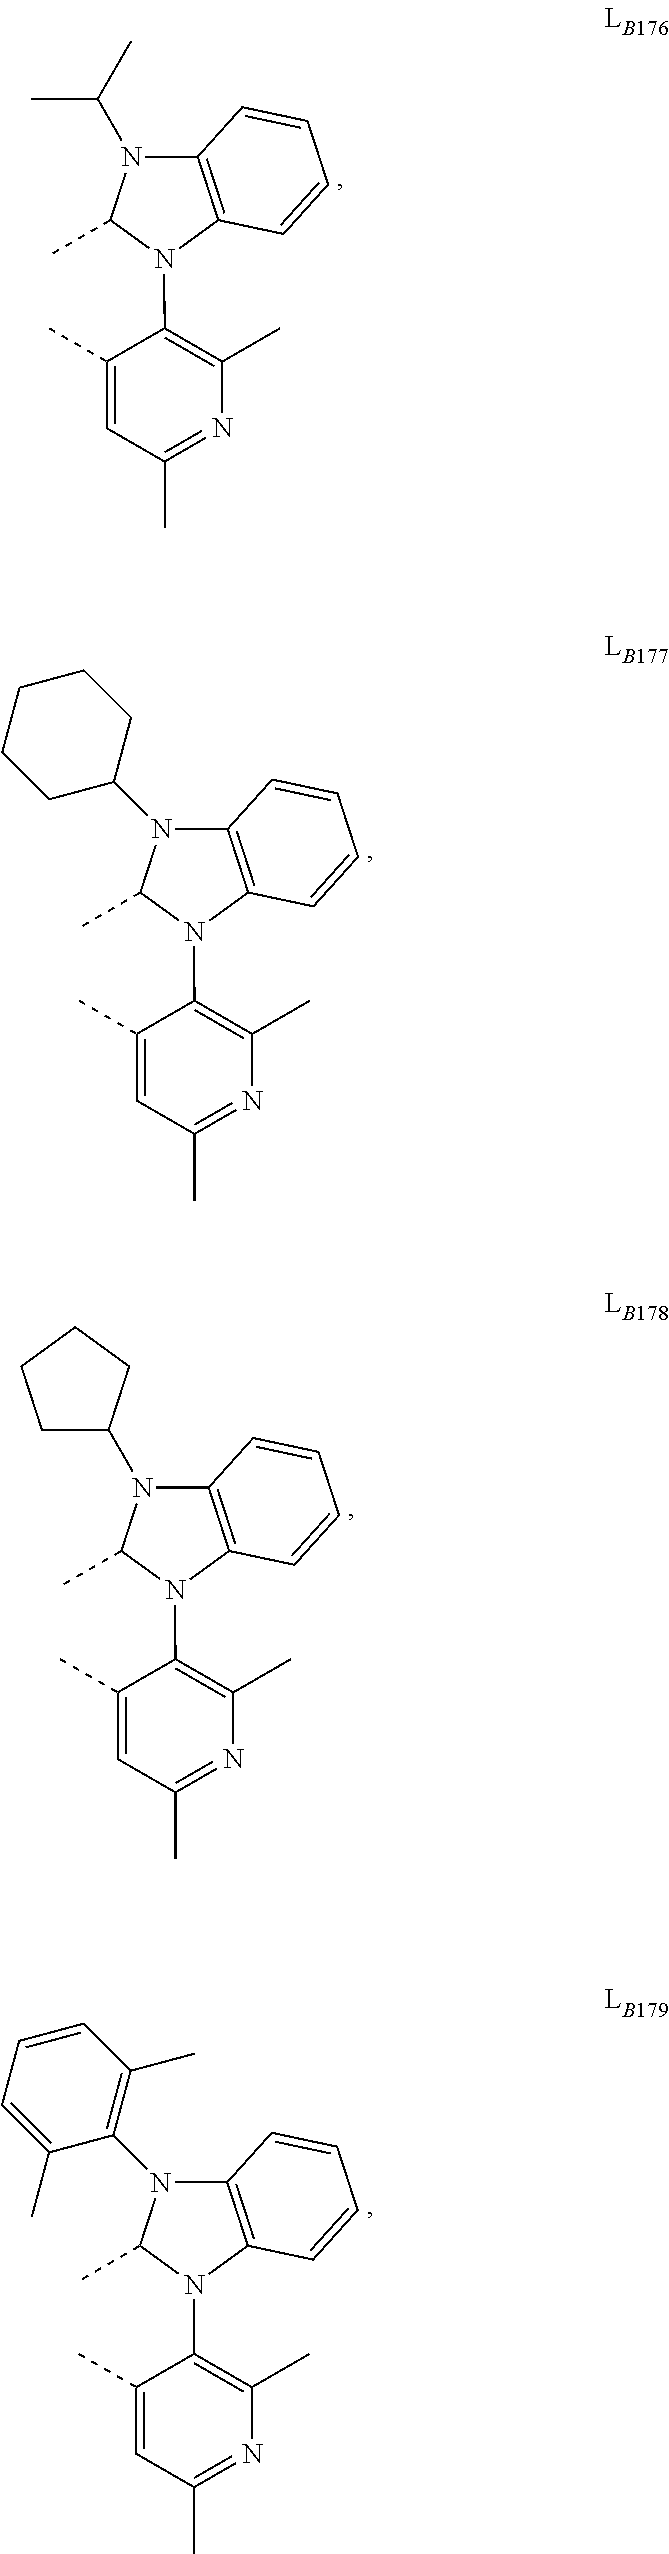 Figure US09905785-20180227-C00144